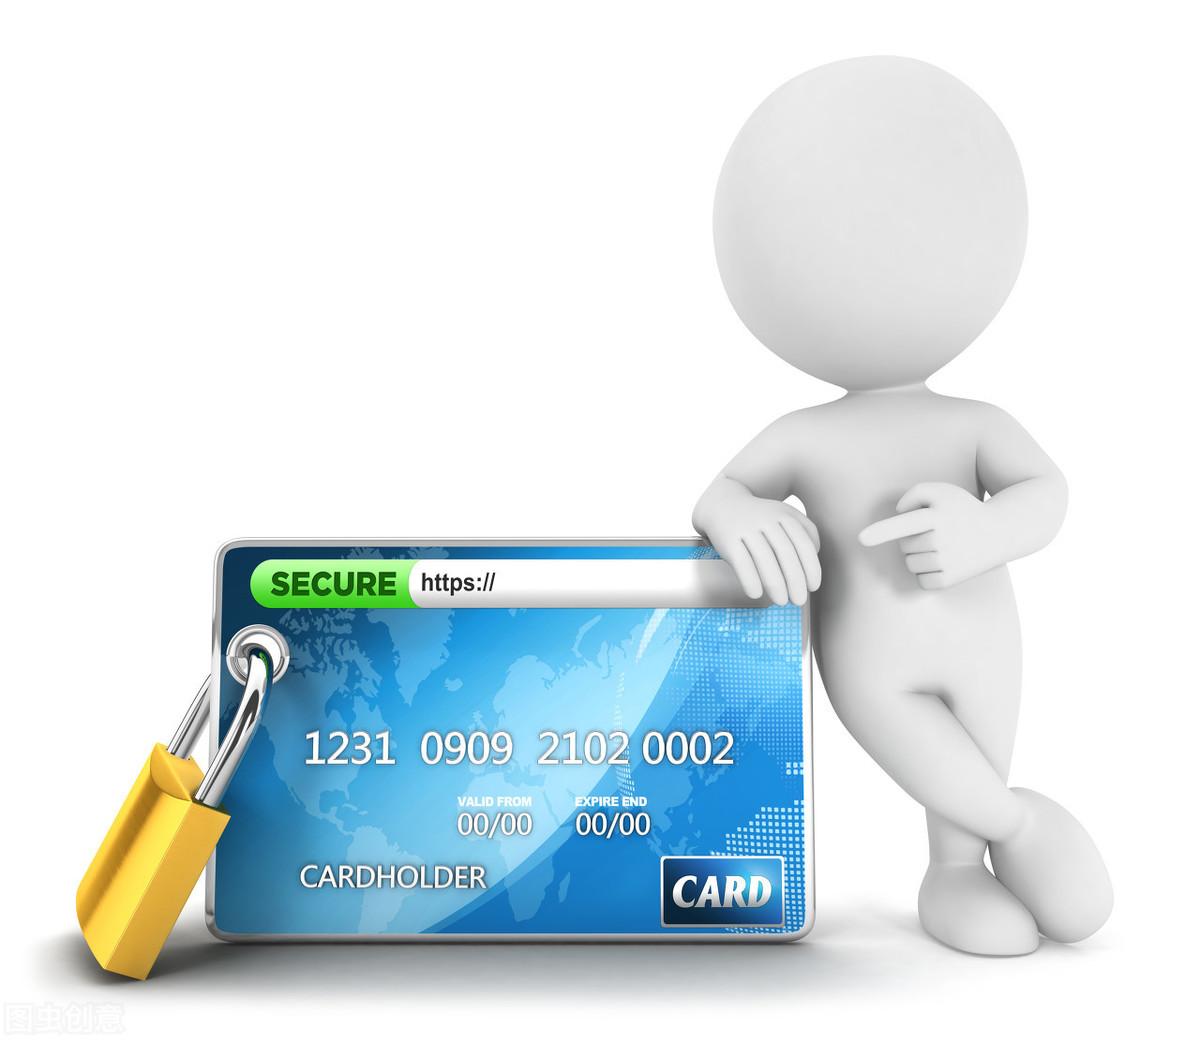 信用卡银行靠什么赚钱的秘密,避免银行套路